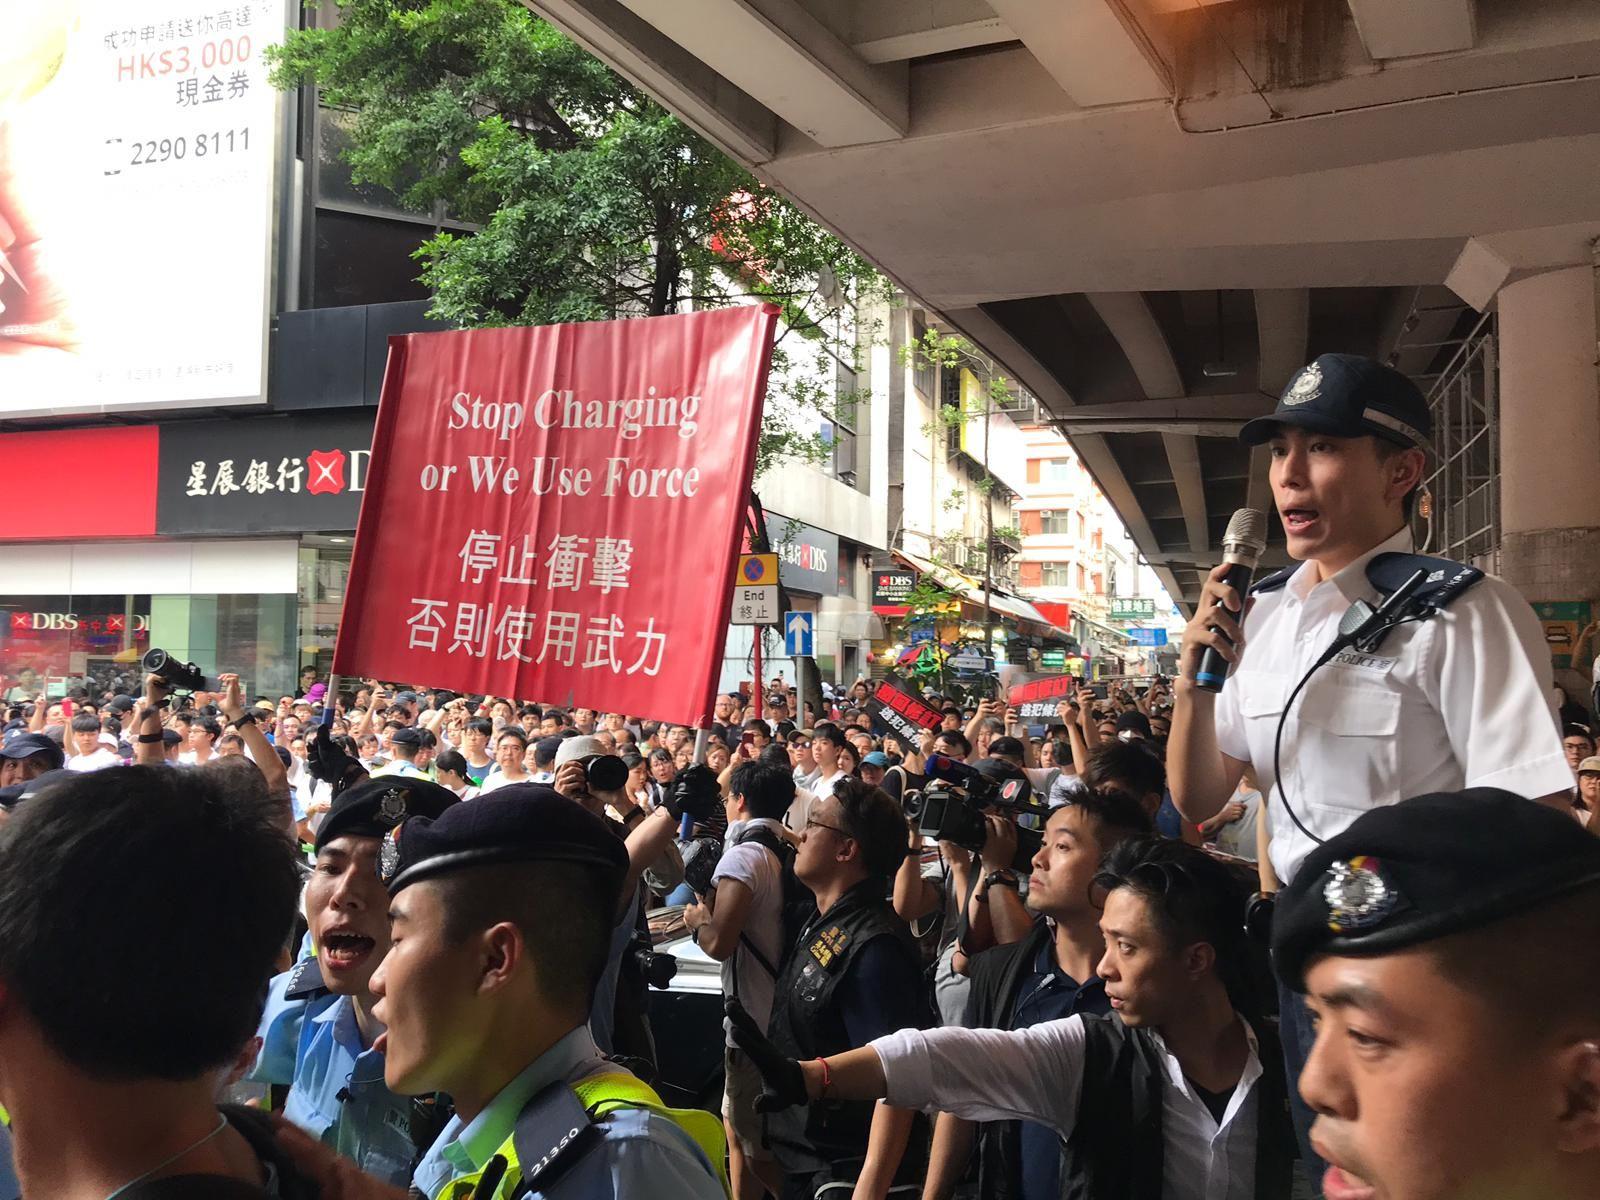 警方曾一度高舉紅旗警告示威者